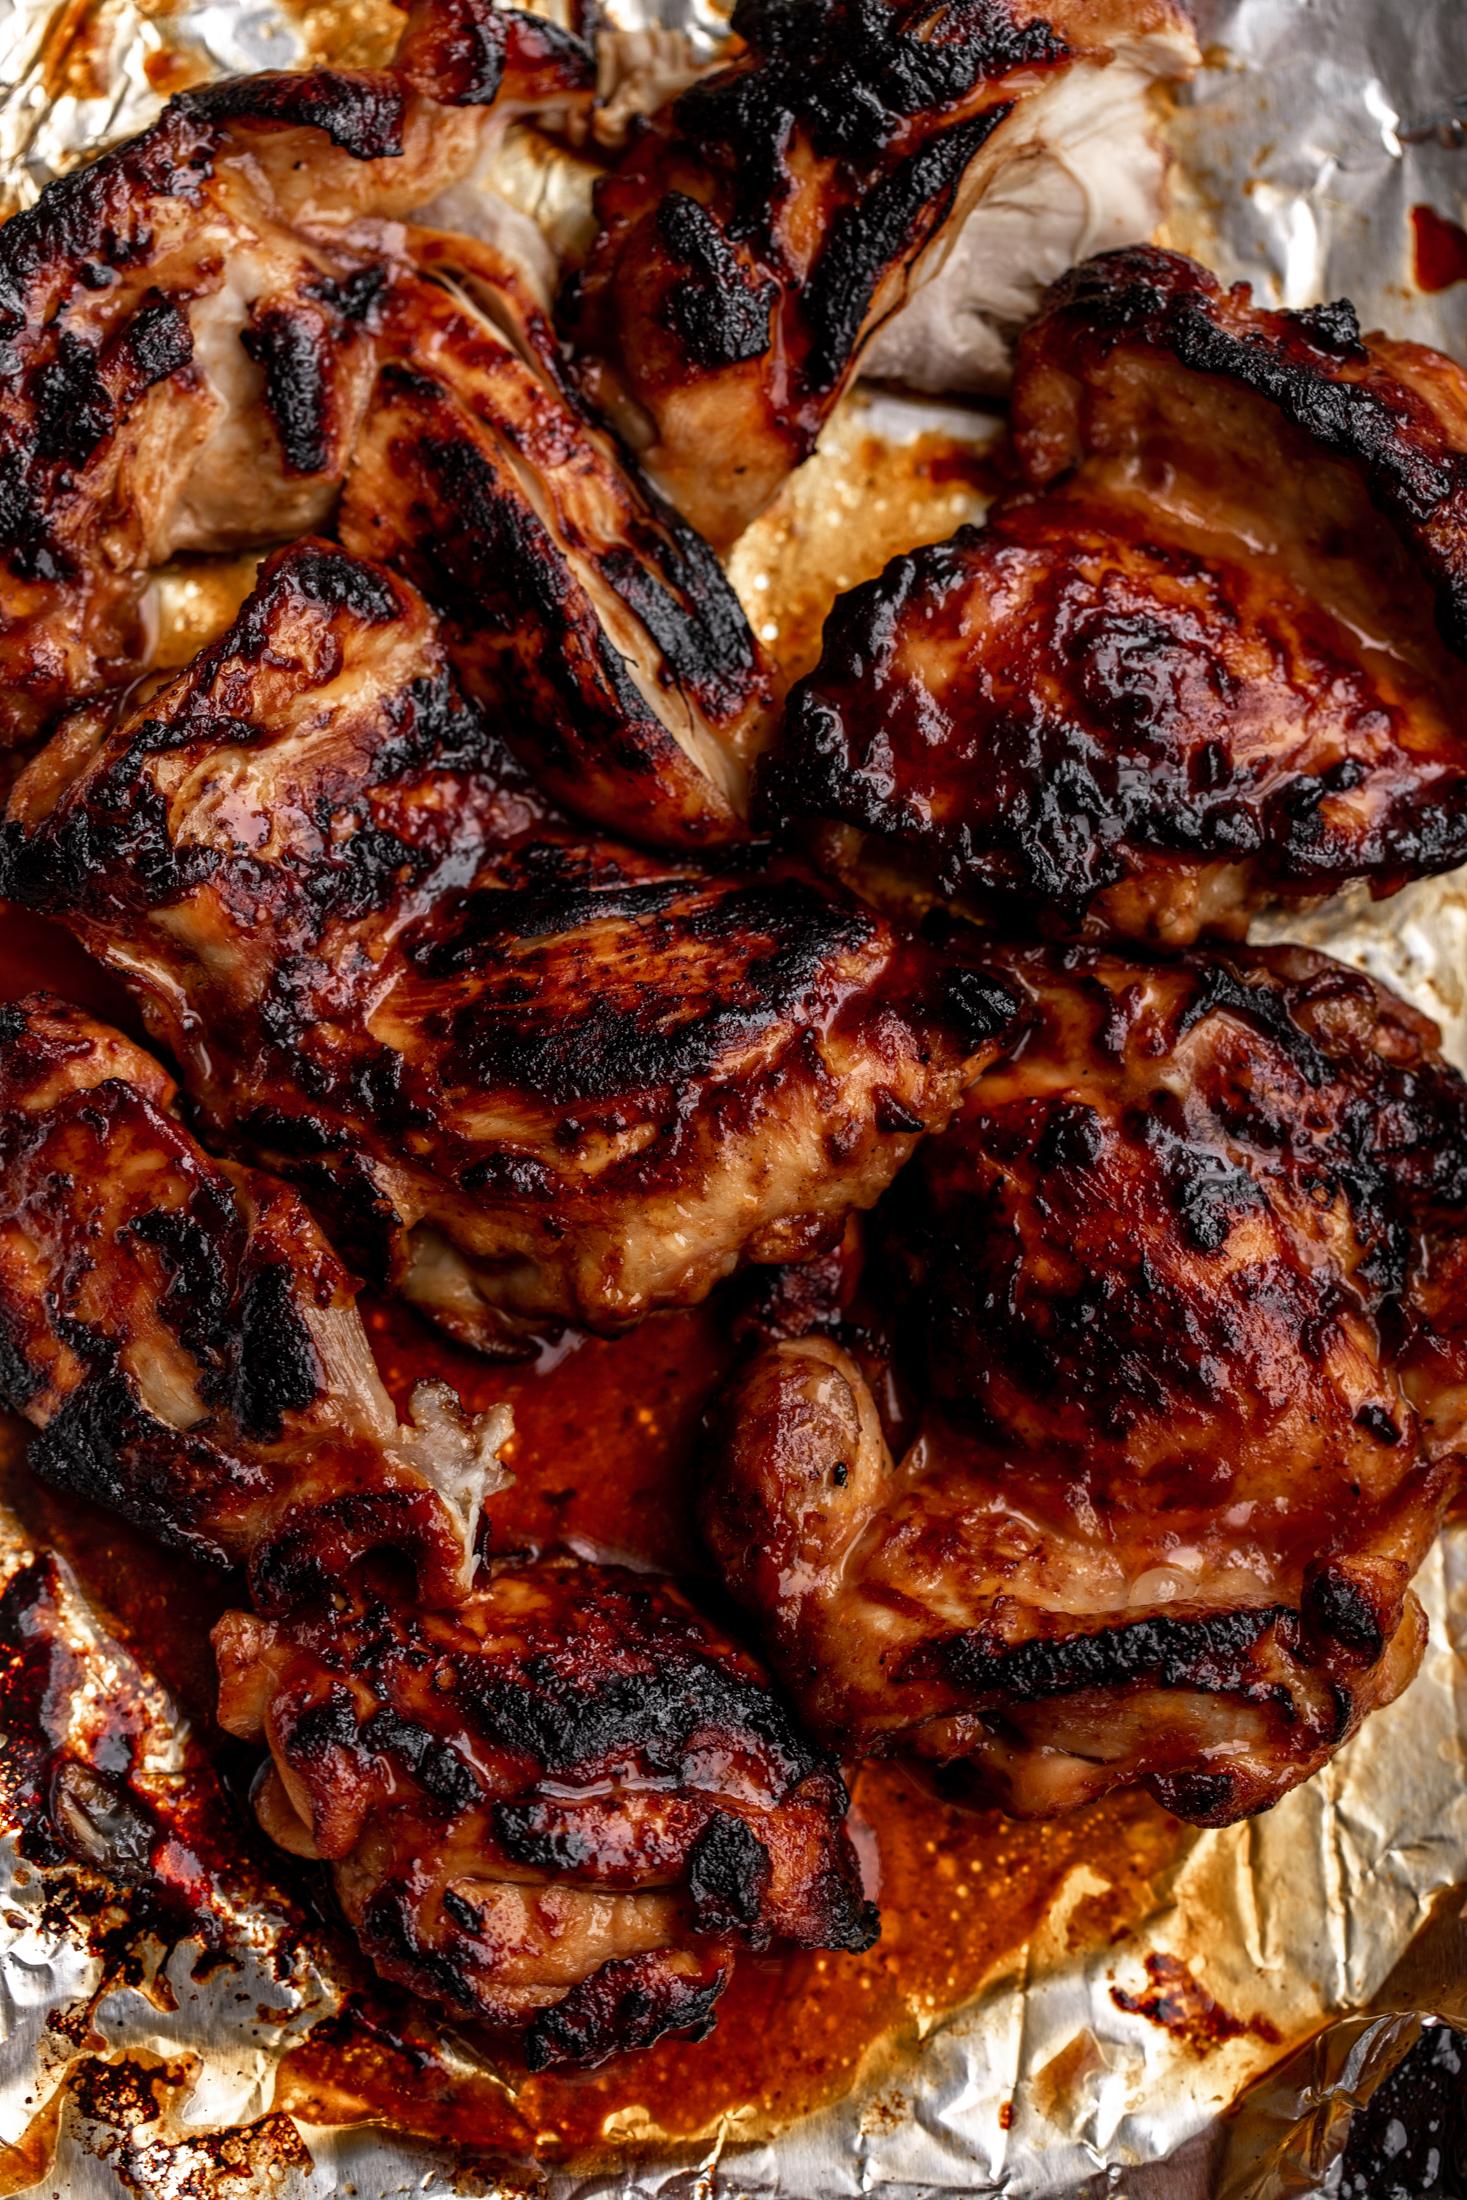 BBQ chicken ingredient shot